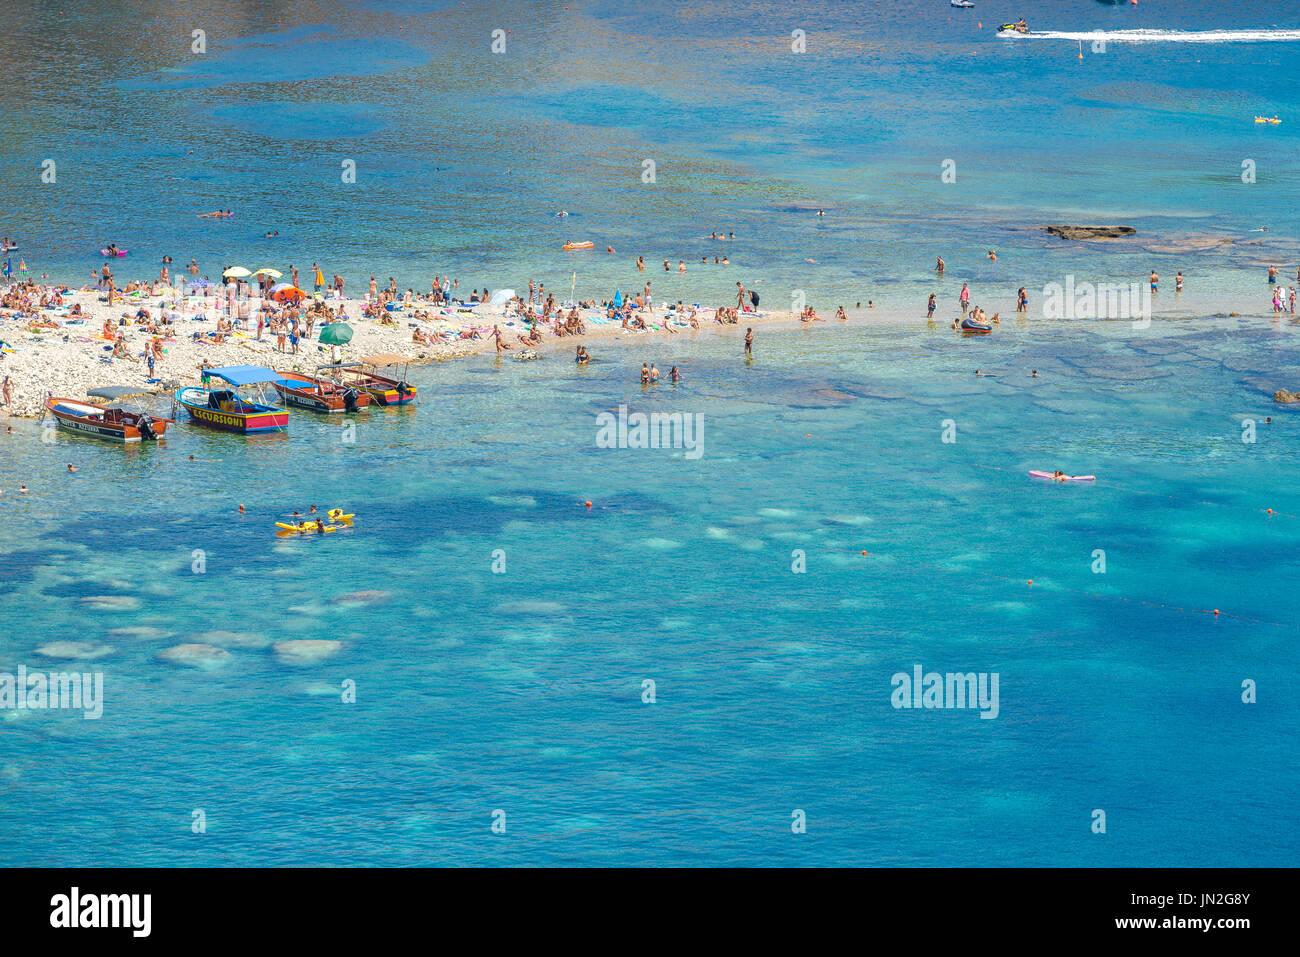 Mazzaro Strand Sizilien, nahe Taormina Mazzaro Strand ist ein beliebter Ort im Sommer für diejenigen daran interessiert, sich sonnen oder schwimmen. Stockbild